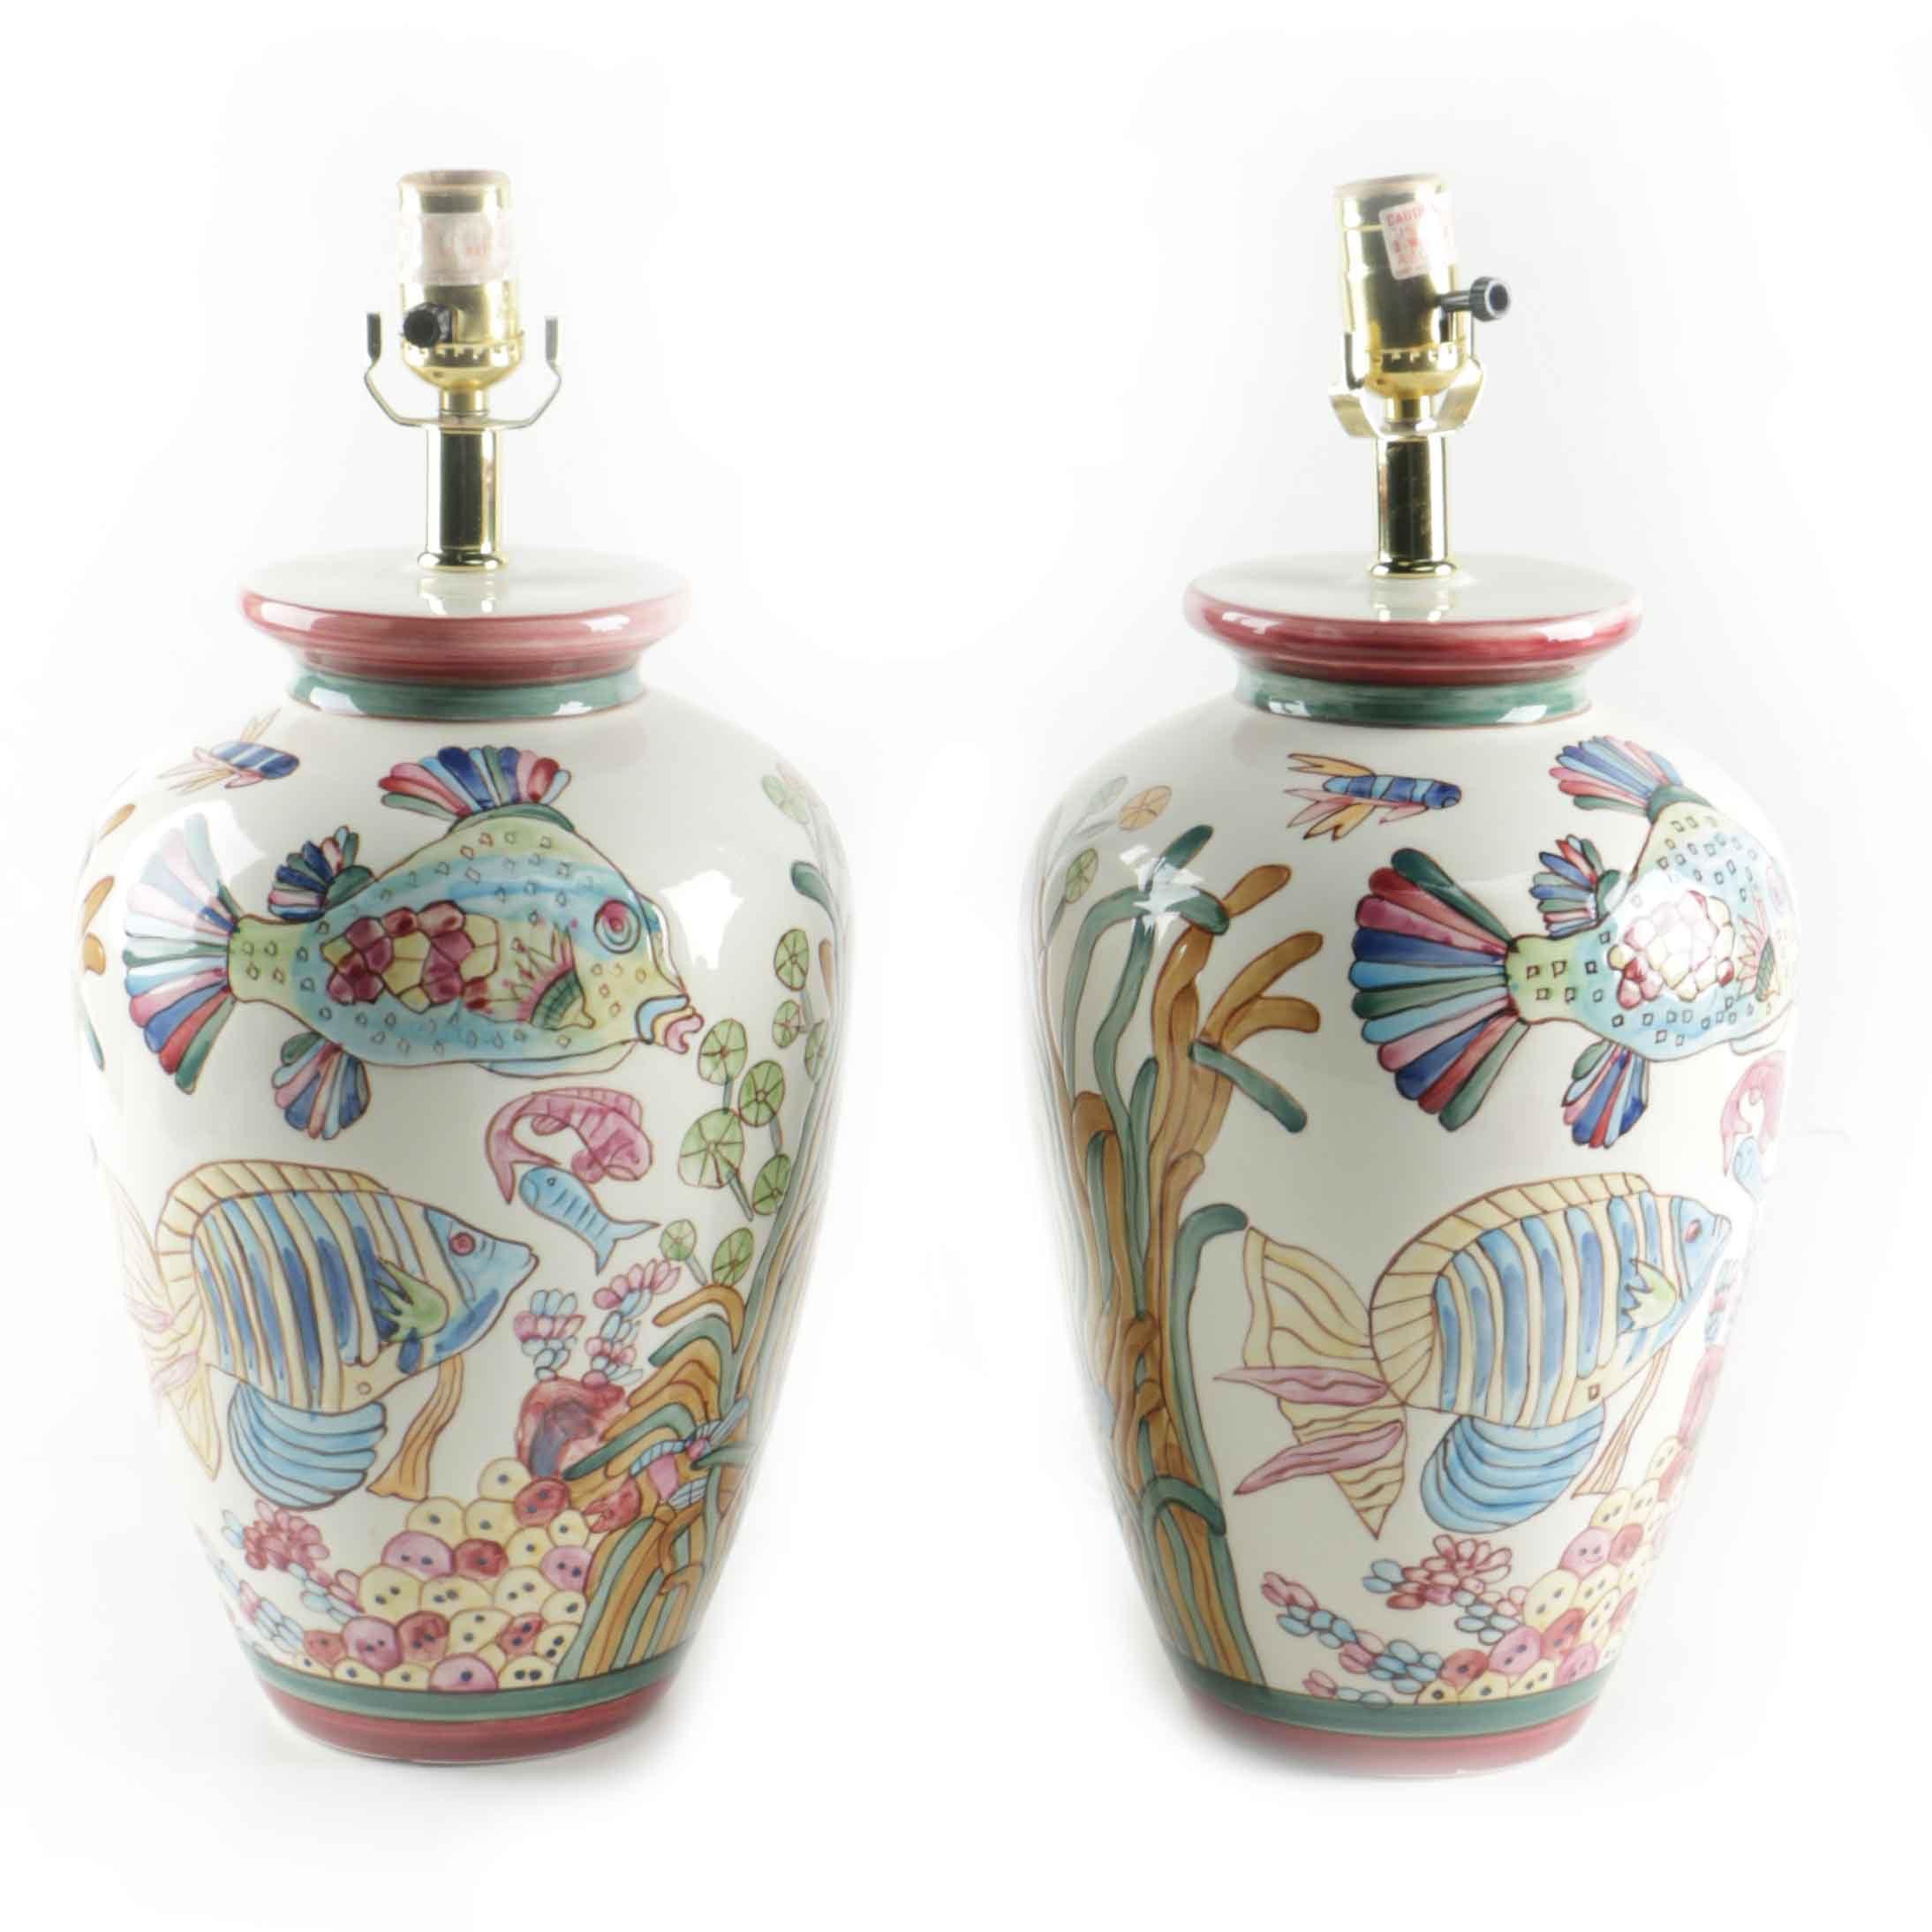 ceramic fishthemed ginger jar lamps - Ginger Jar Lamps